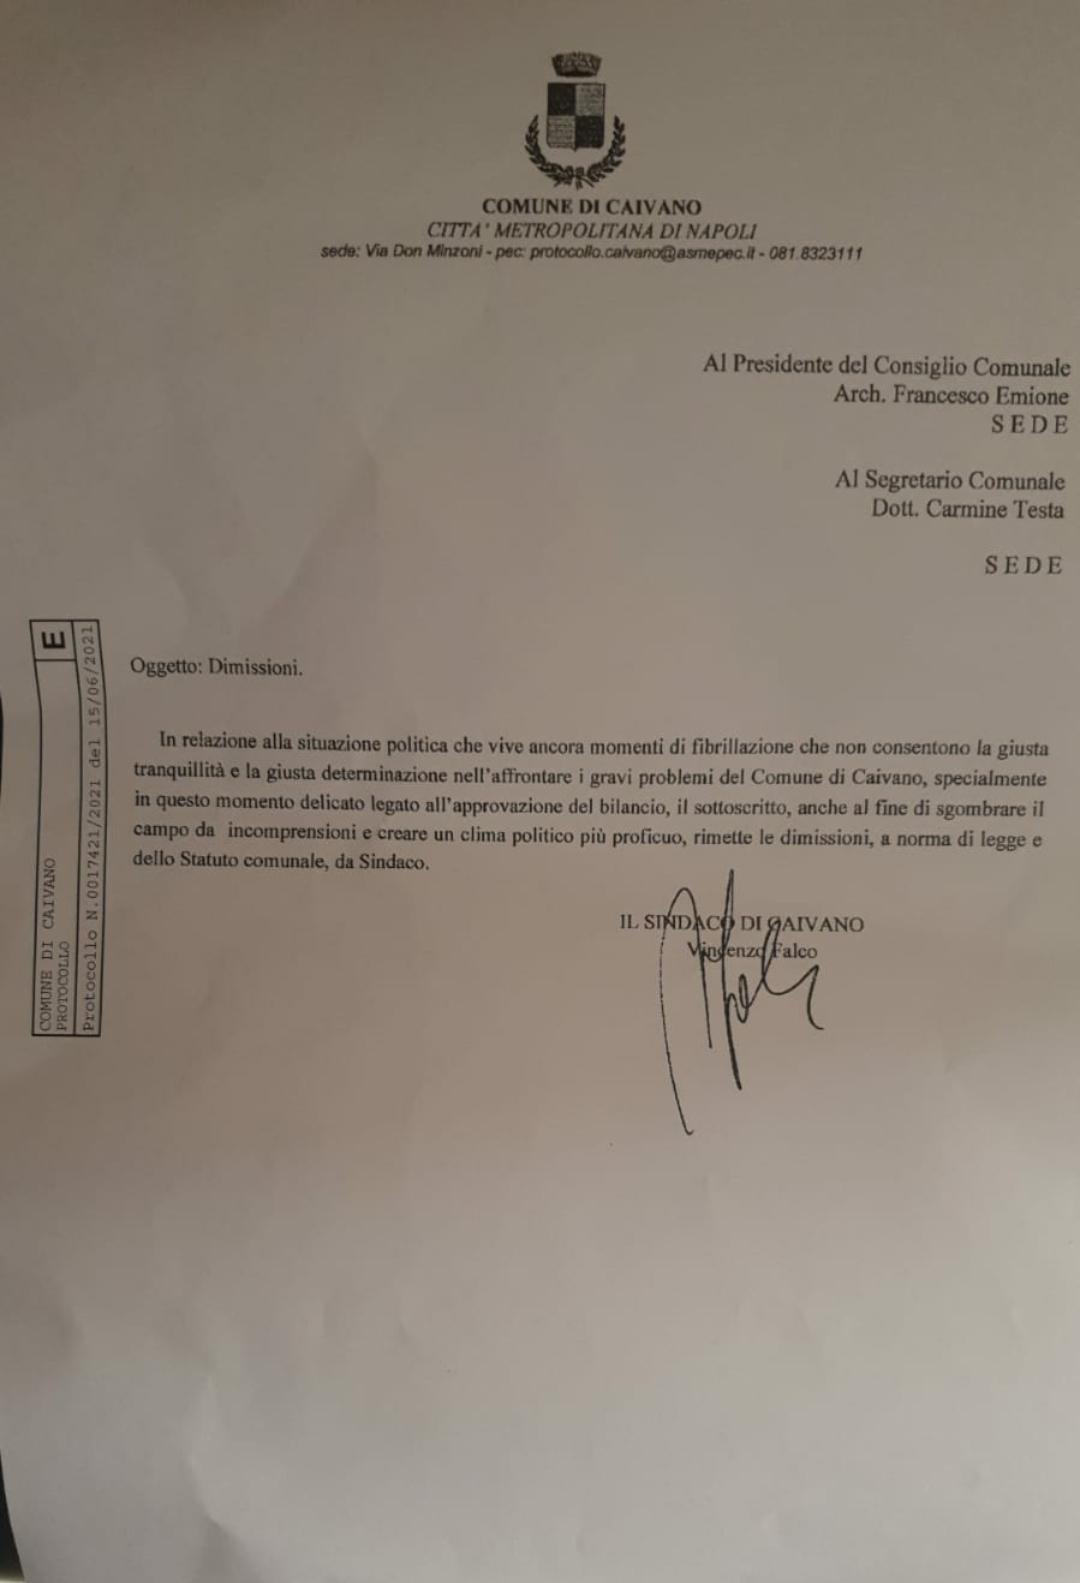 Caivano, Enzo Falco si dimette